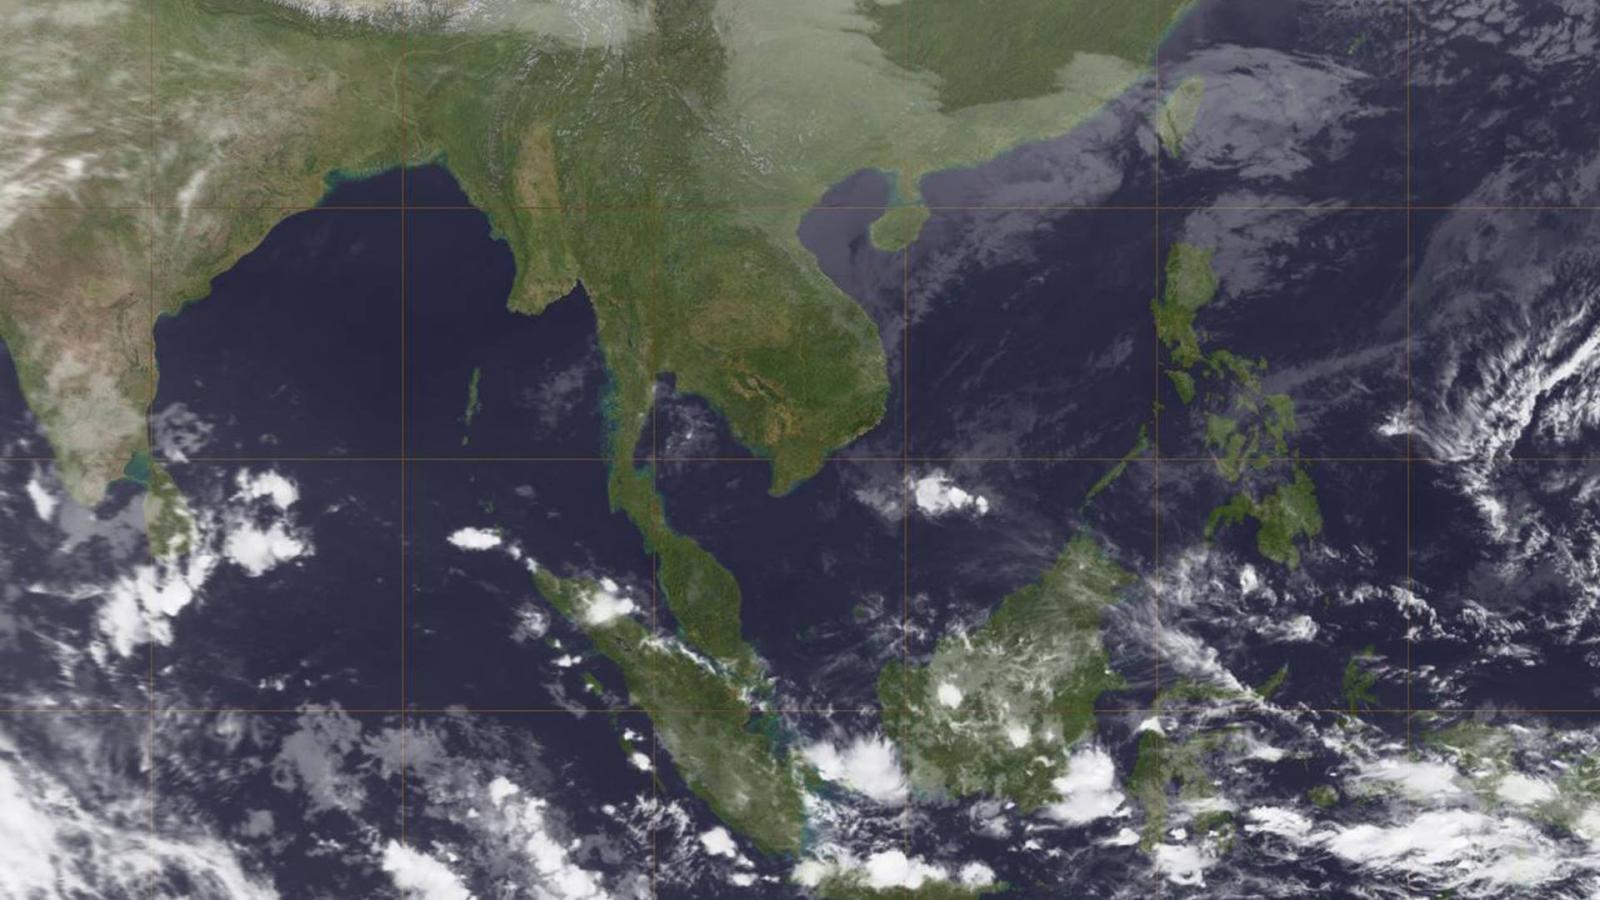 เหนือ-อีสานยังหนาว ยอดดอย 4-8 องศา กทม.ฝน10%